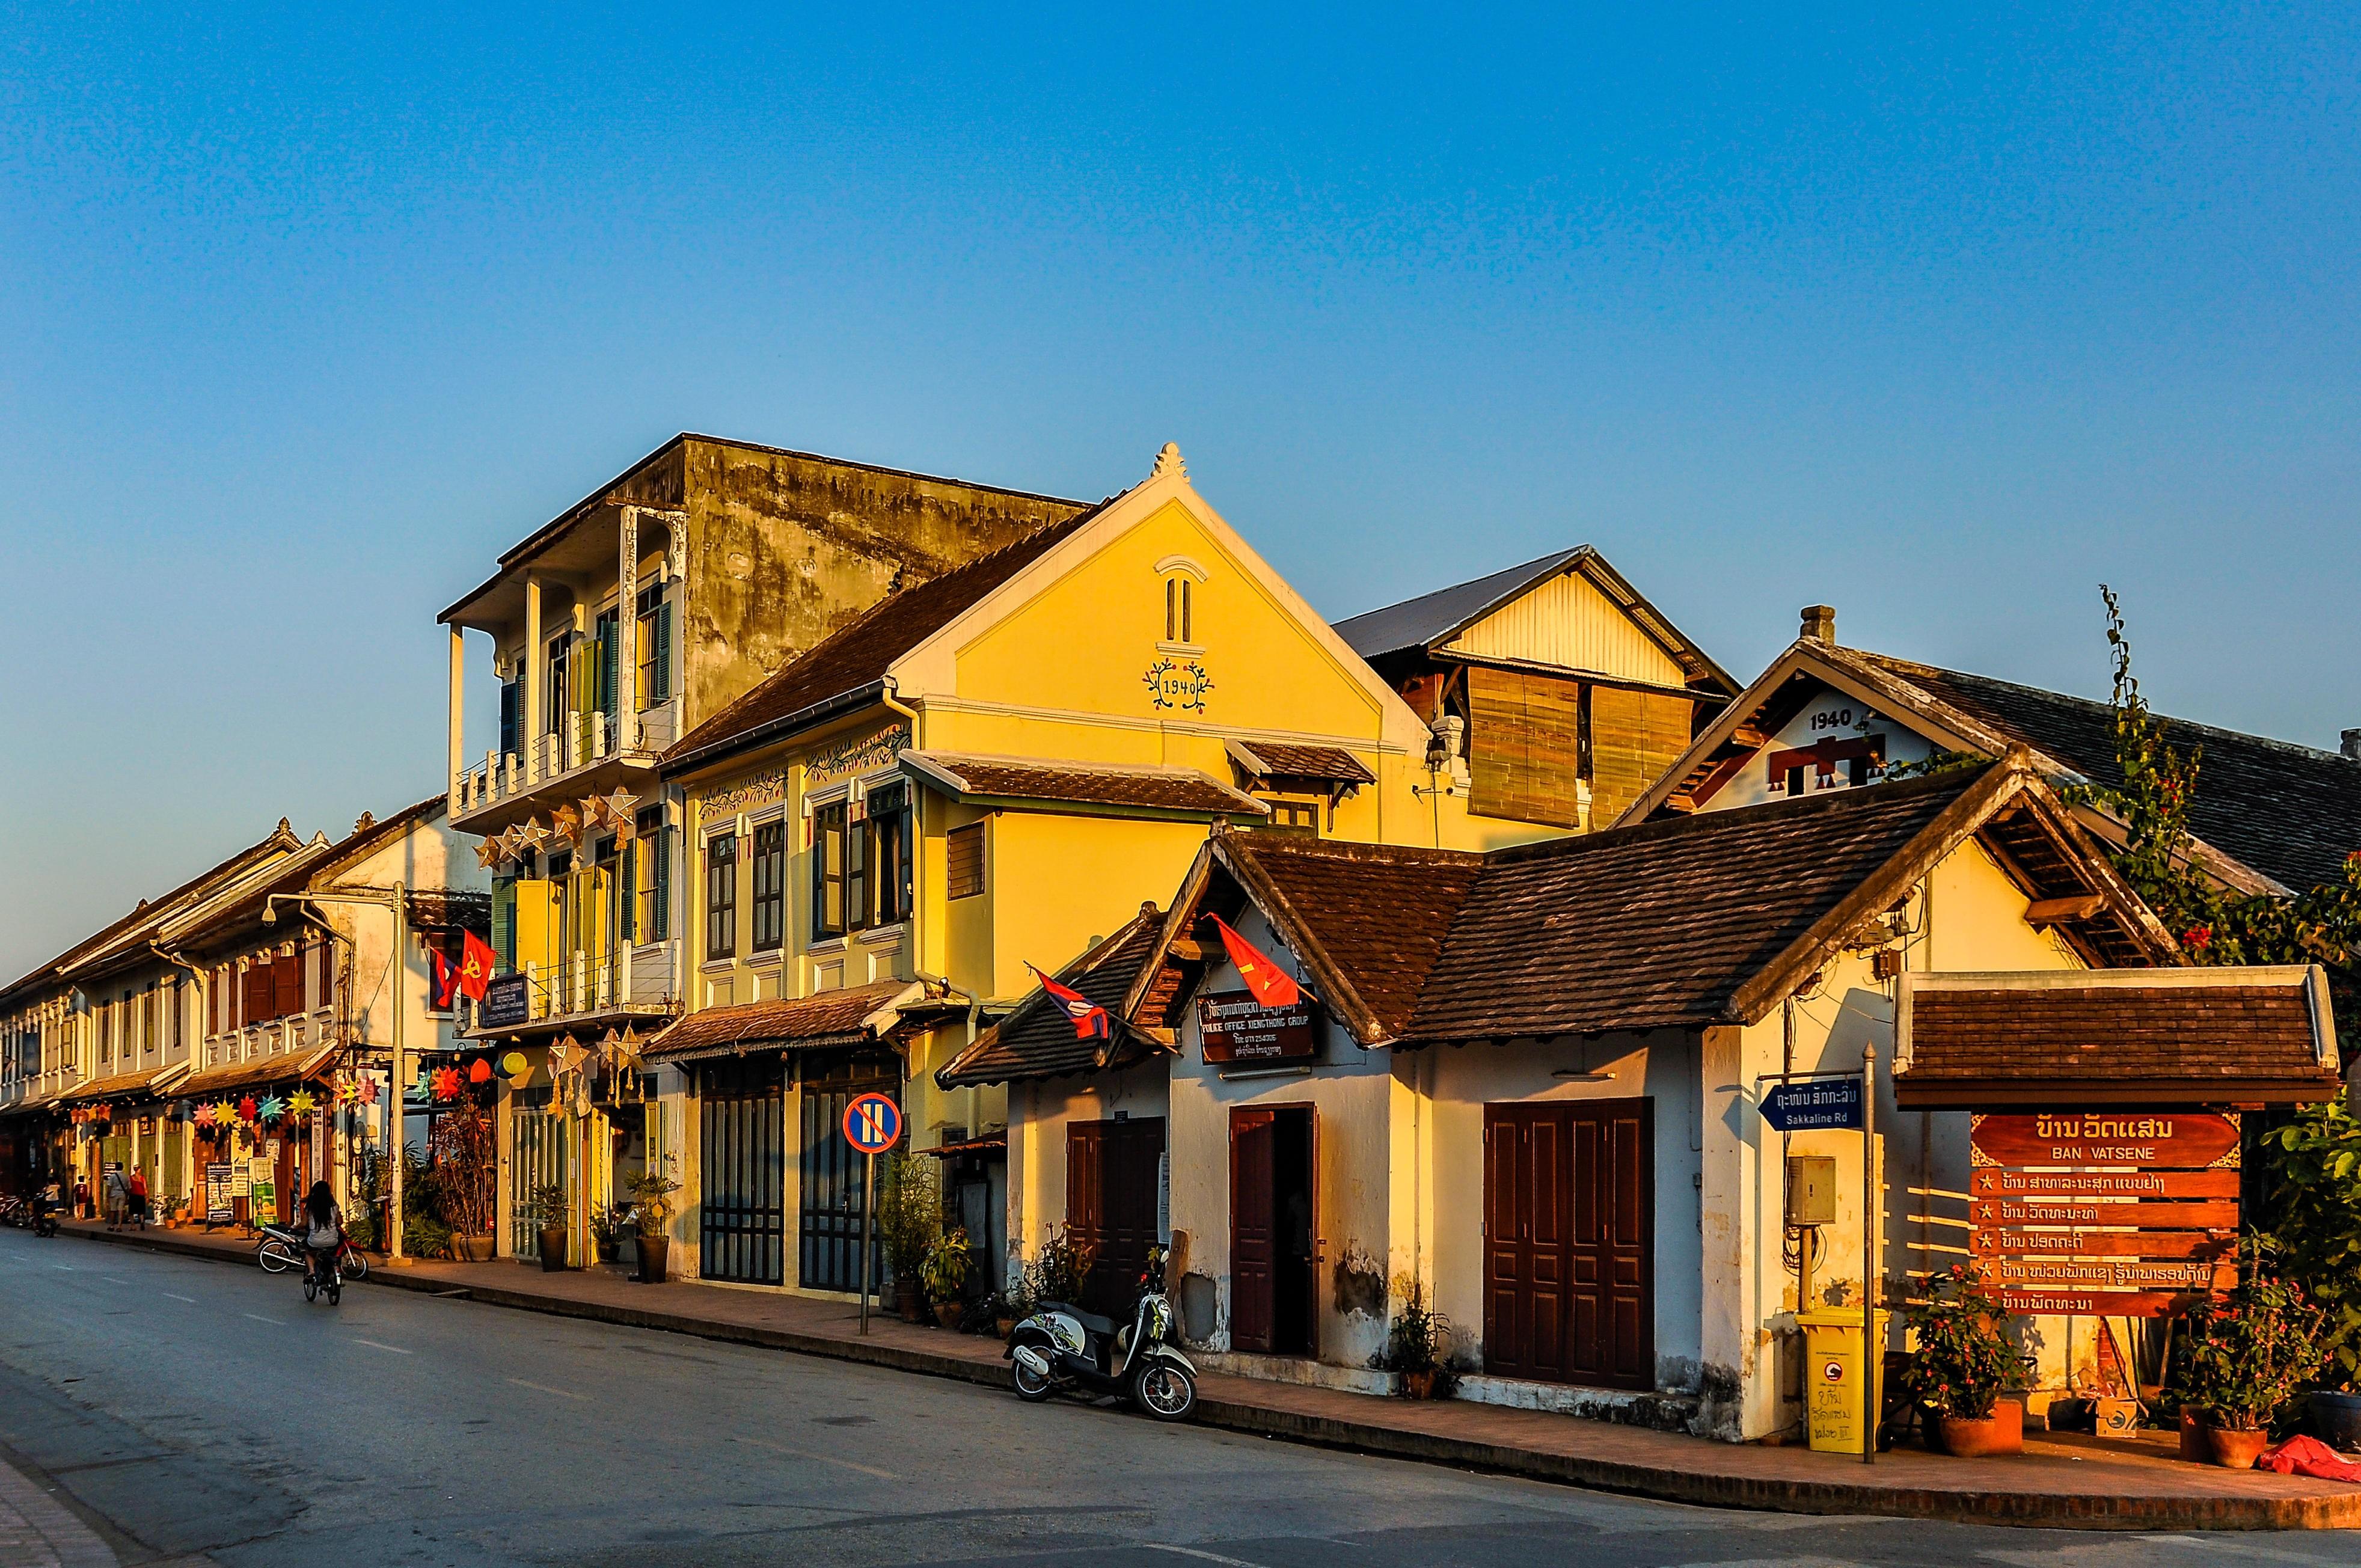 Luang Prabang: Laos' former royal capital may have enriched locals